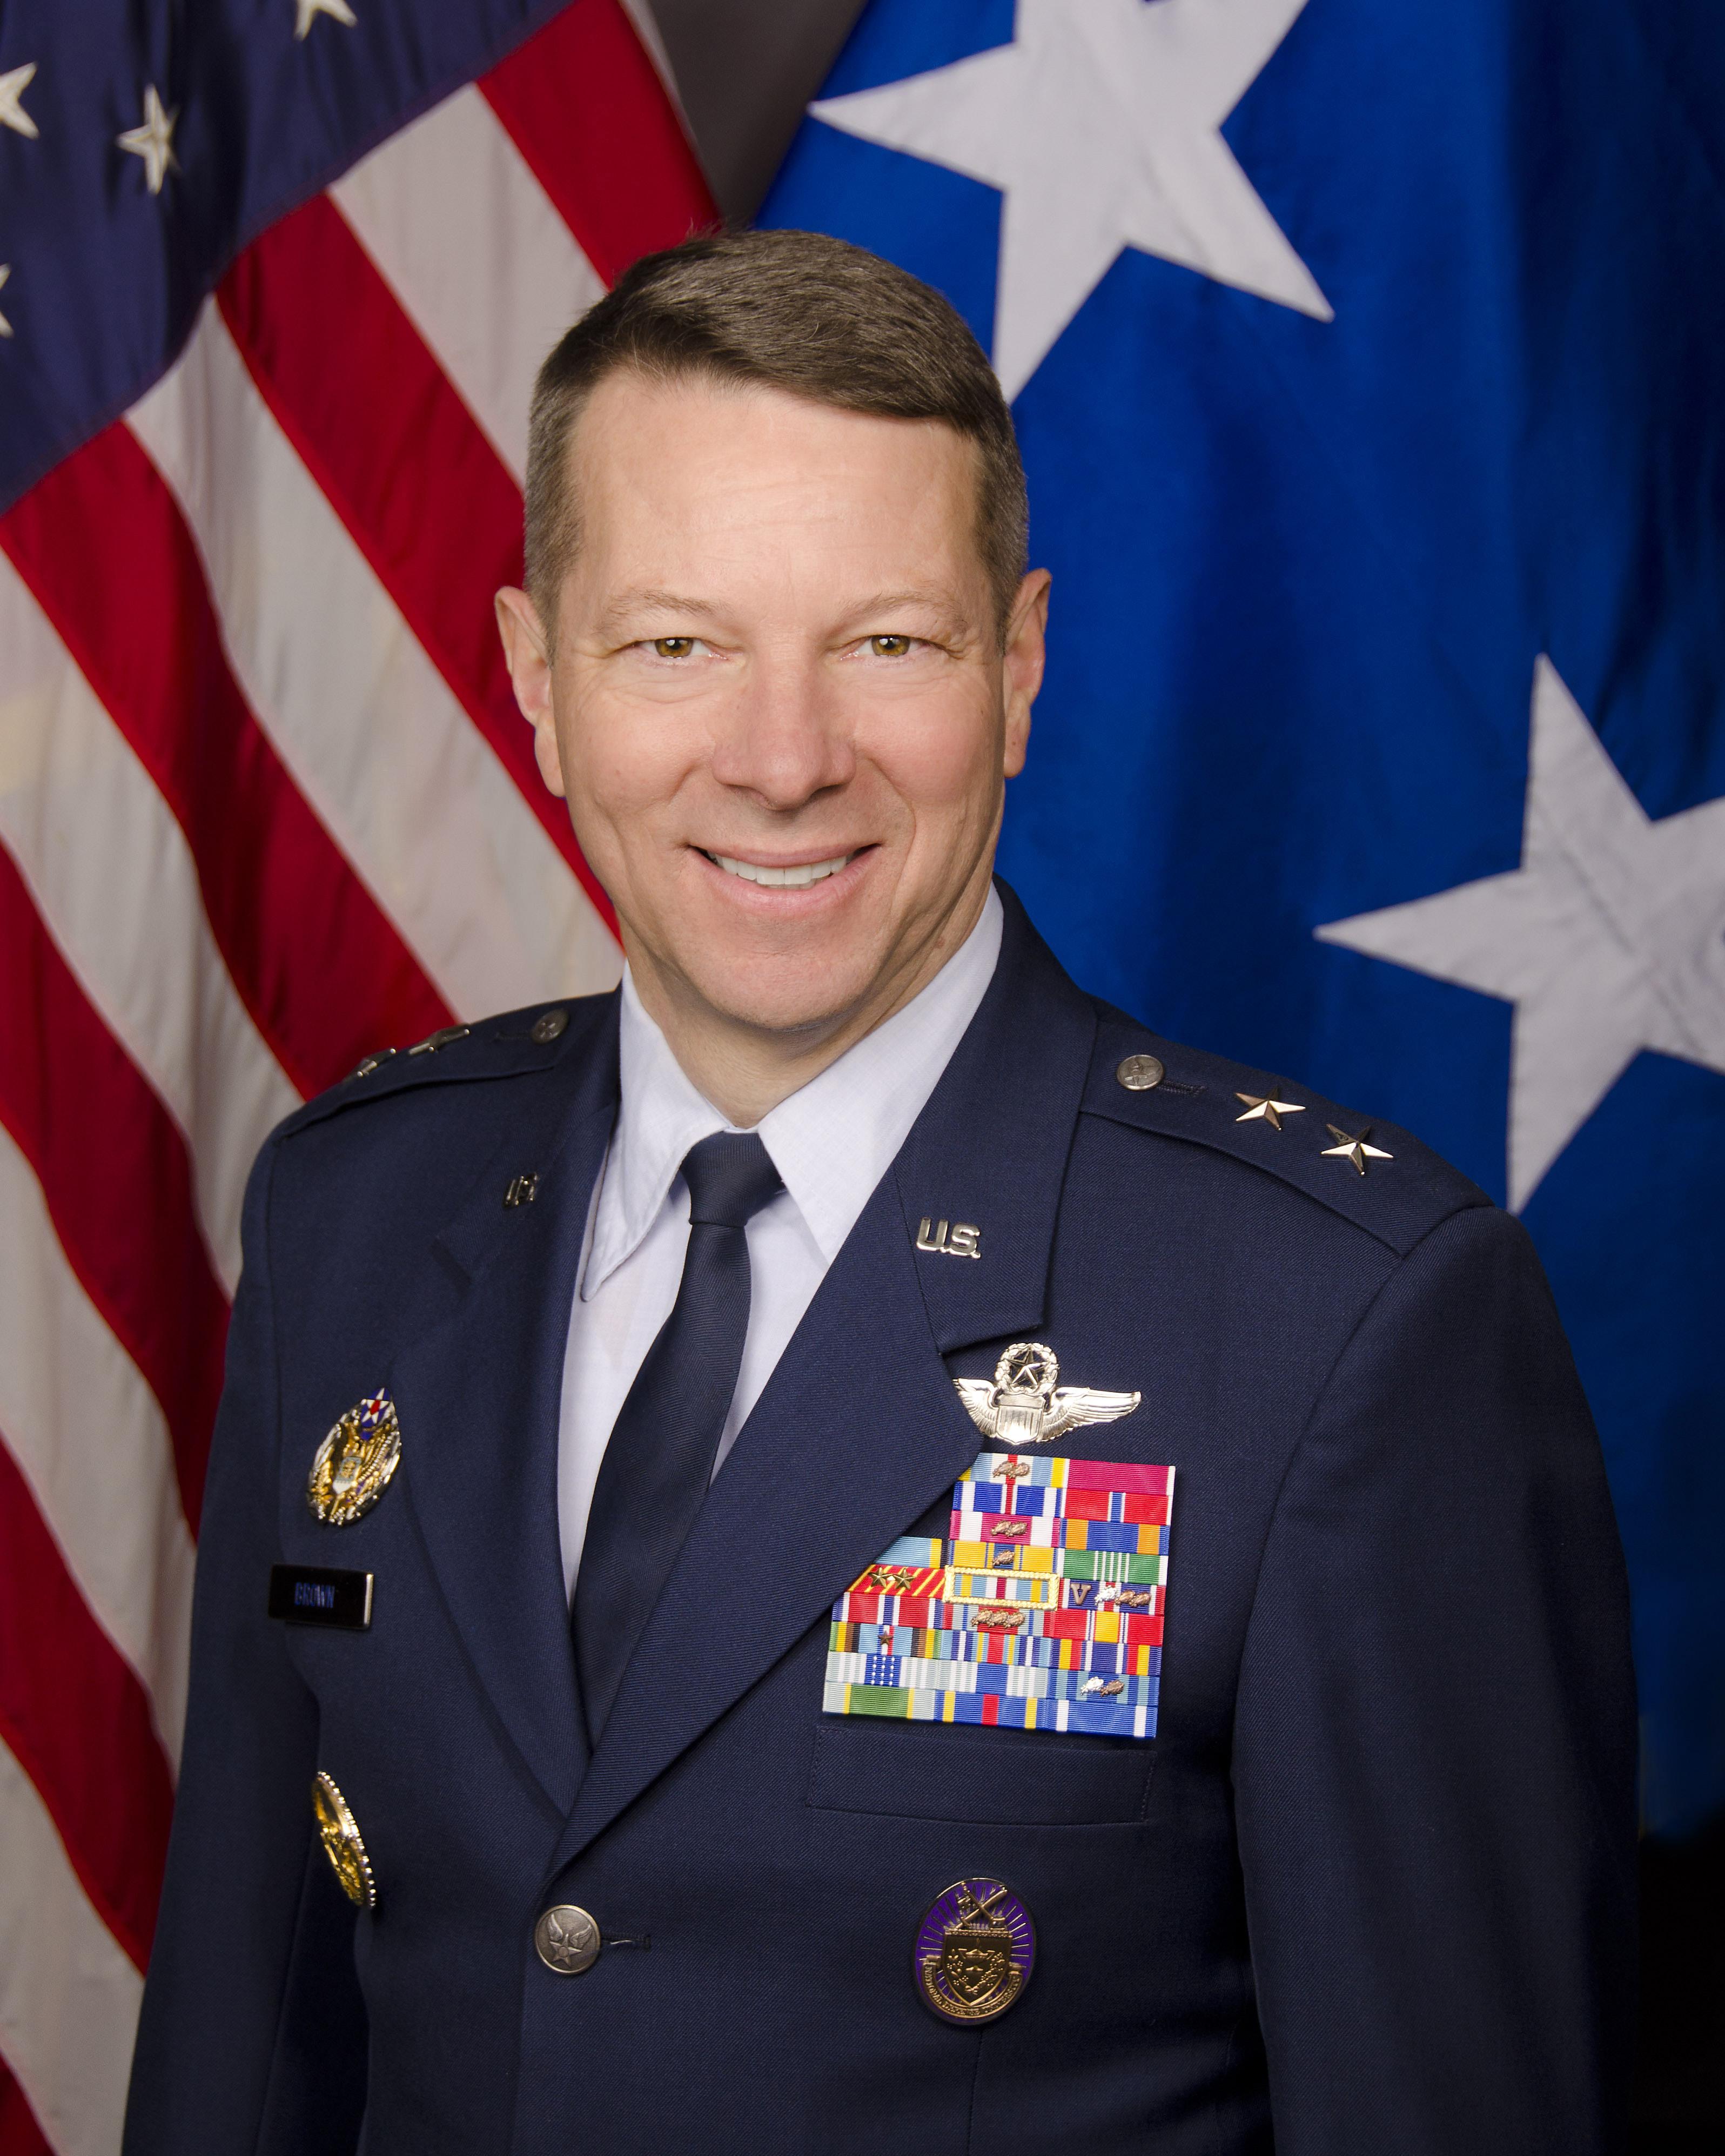 major general joseph d brown iv u s air force biography display